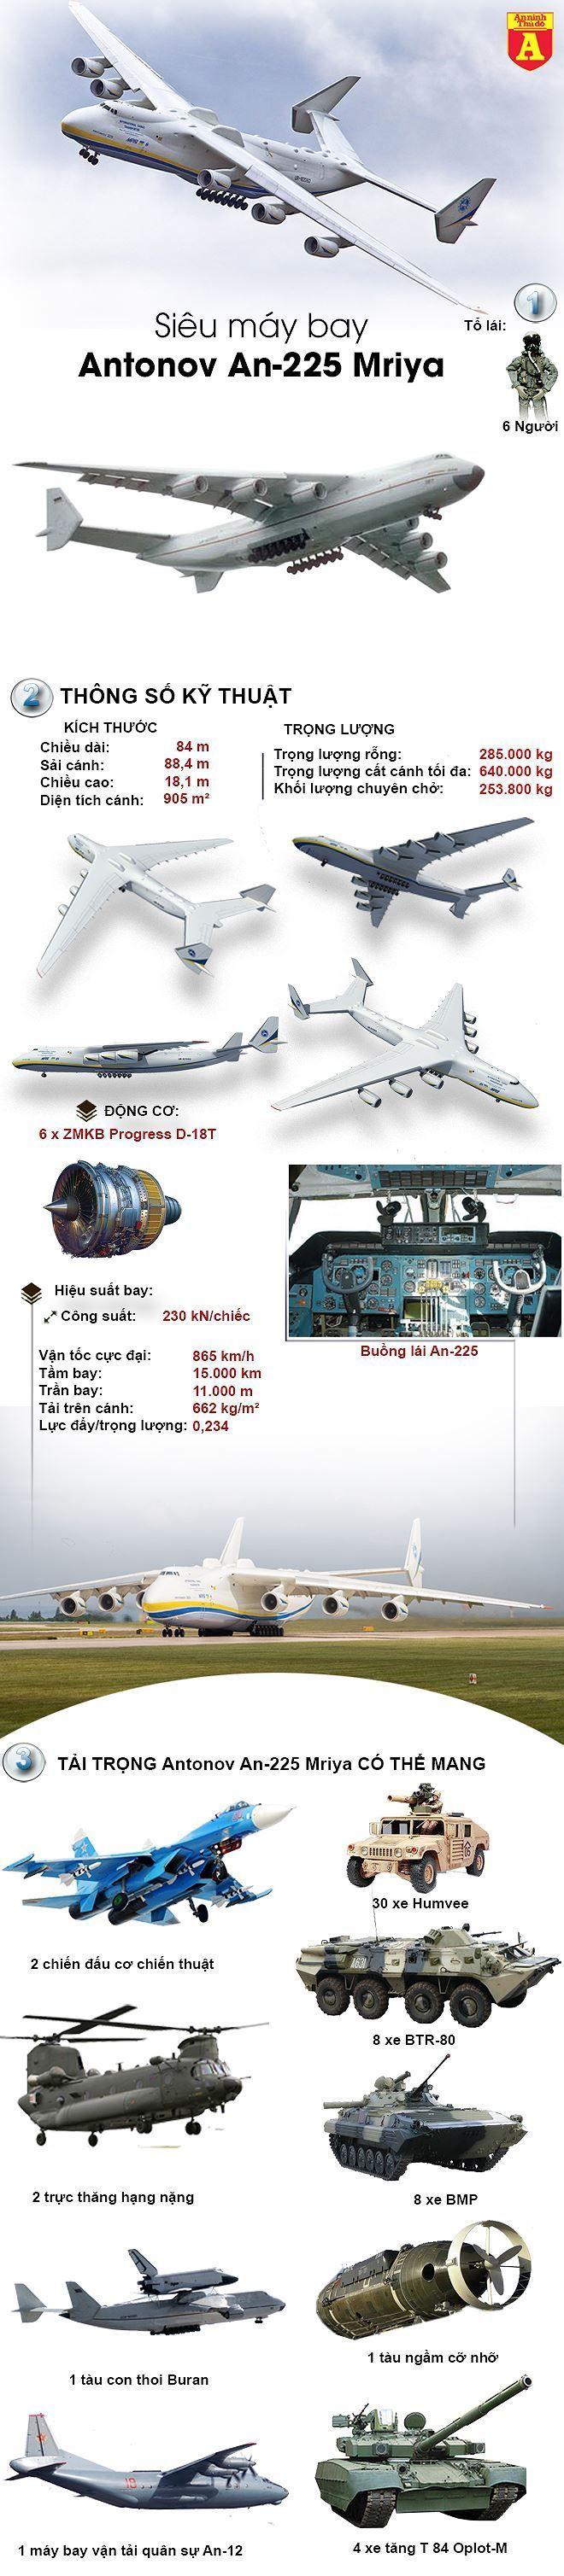 Drone Infographics : [Infographic] Khám phá máy bay vận tải khổng lồ ...